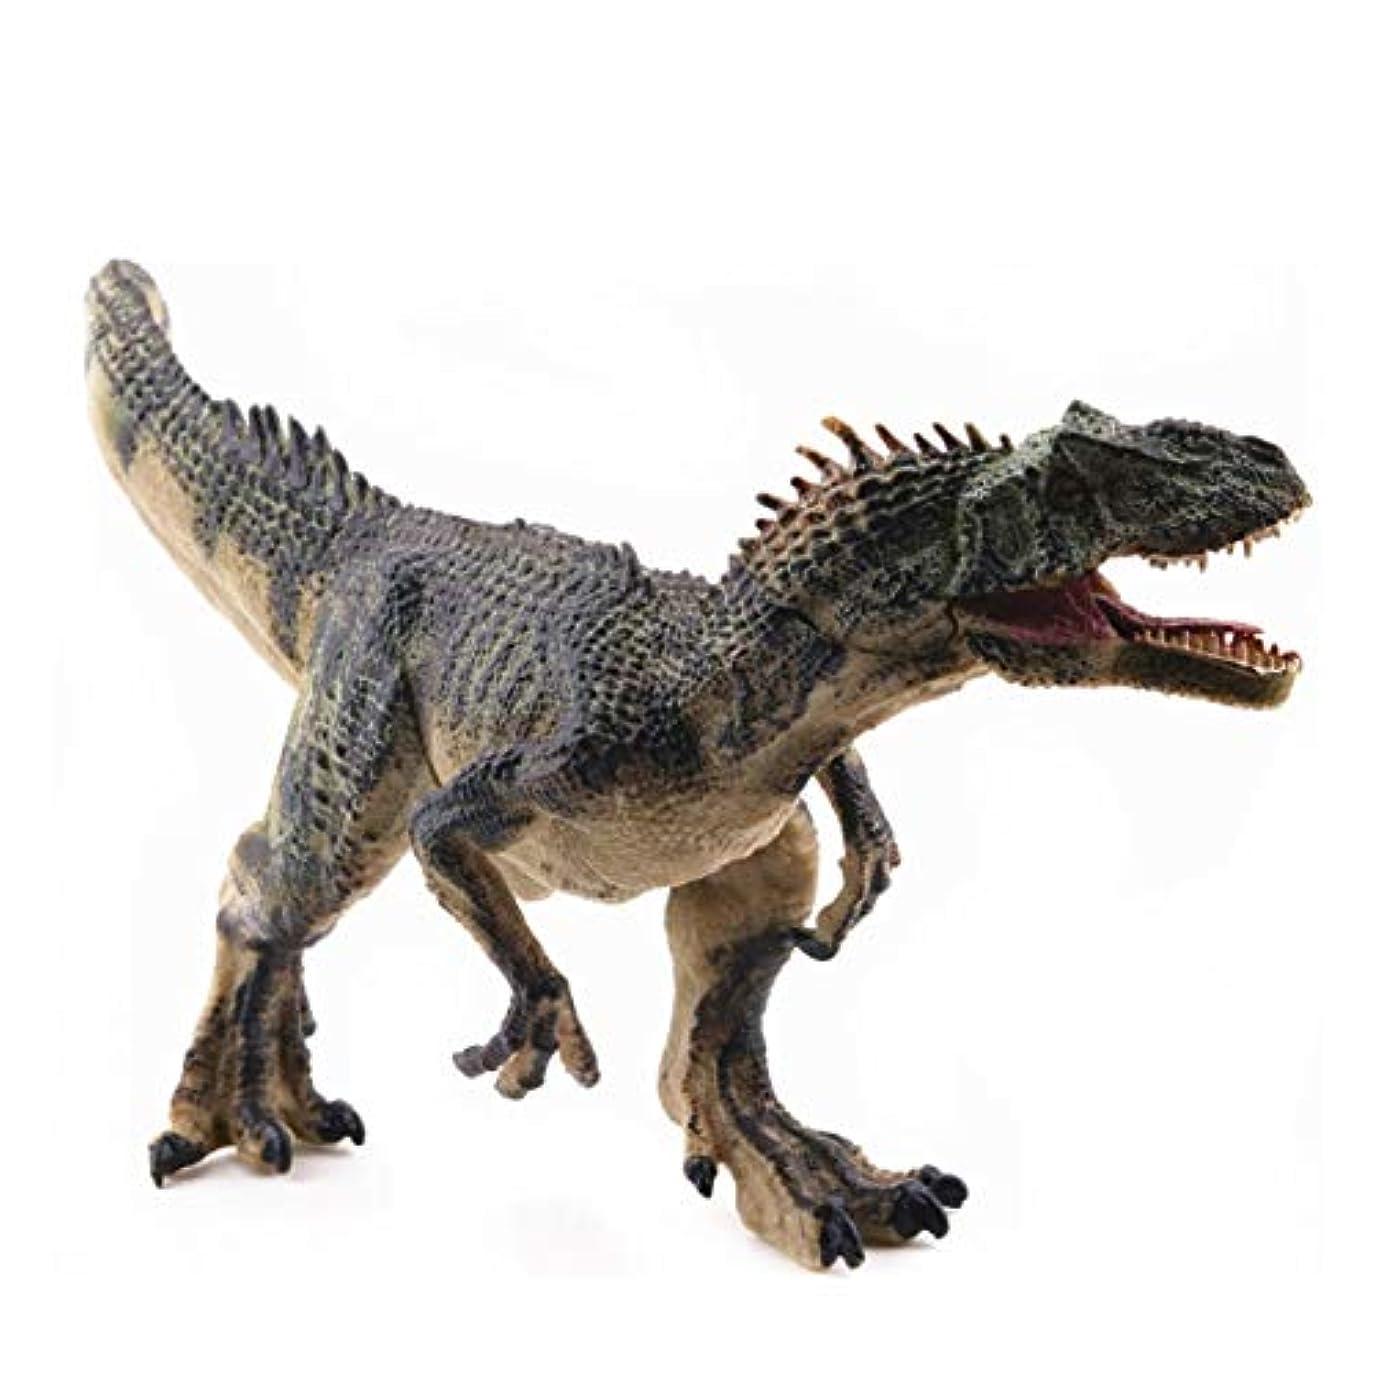 子孫湿った摂氏度Saikogoods シミュレーションアロサウルスリアルな恐竜の模型玩具置物アクションは 子供のためのホームインテリア教育玩具フィギュア 緑